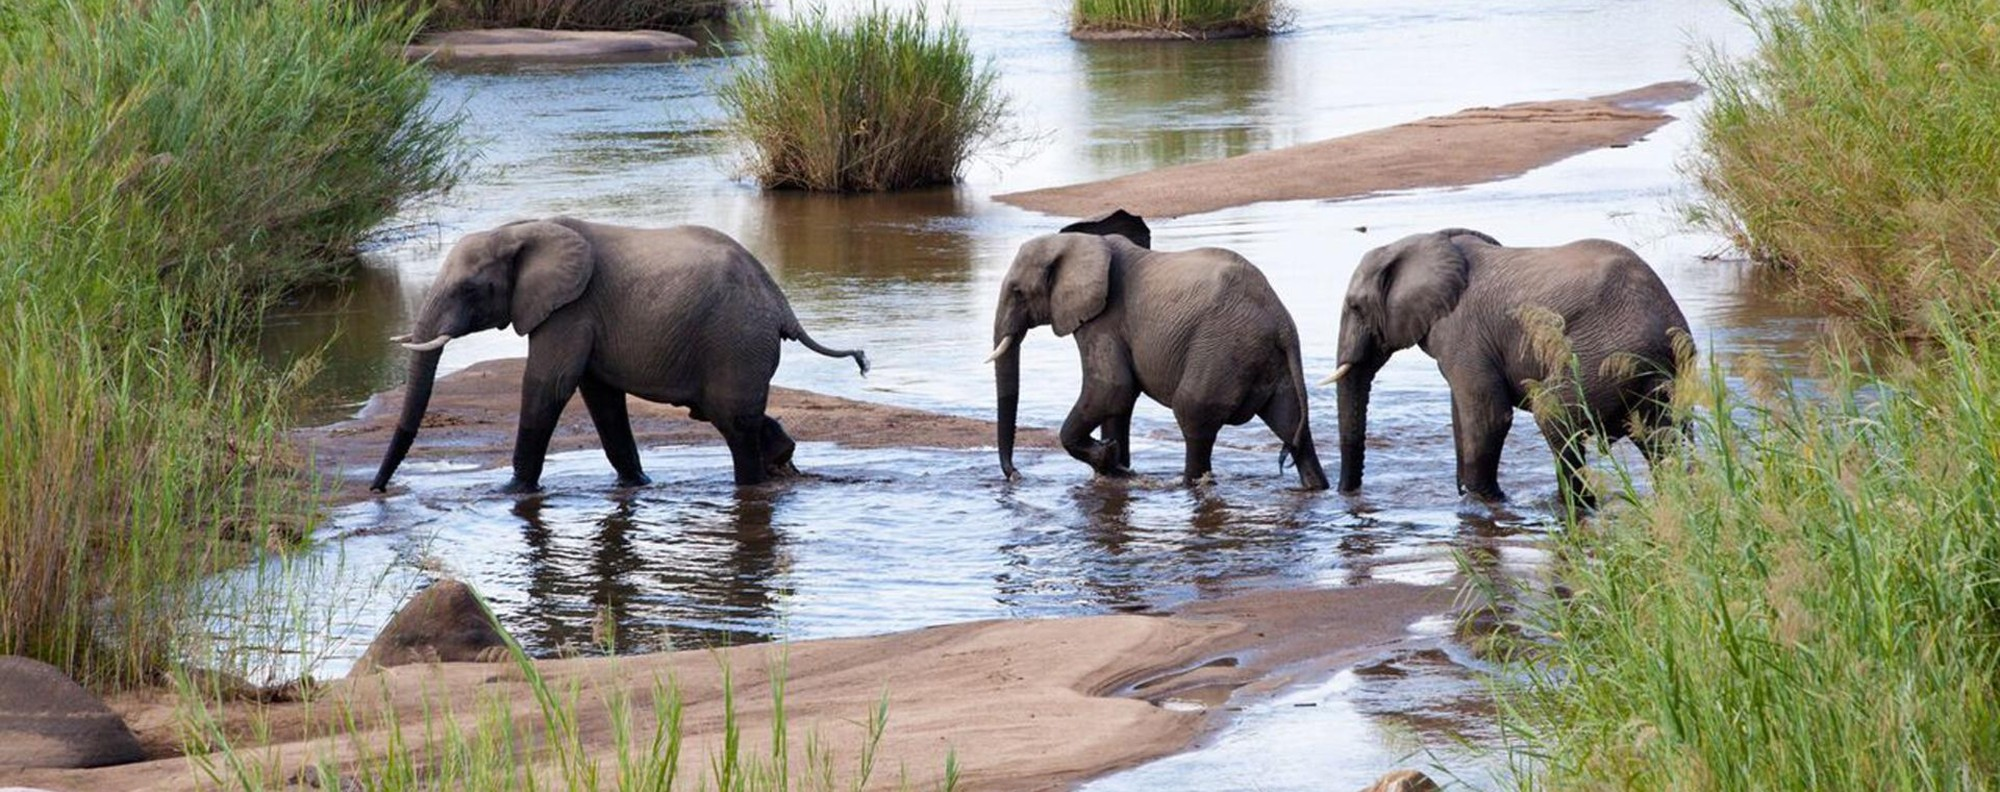 Young Elephants in the Maasai Mara, Kenya.